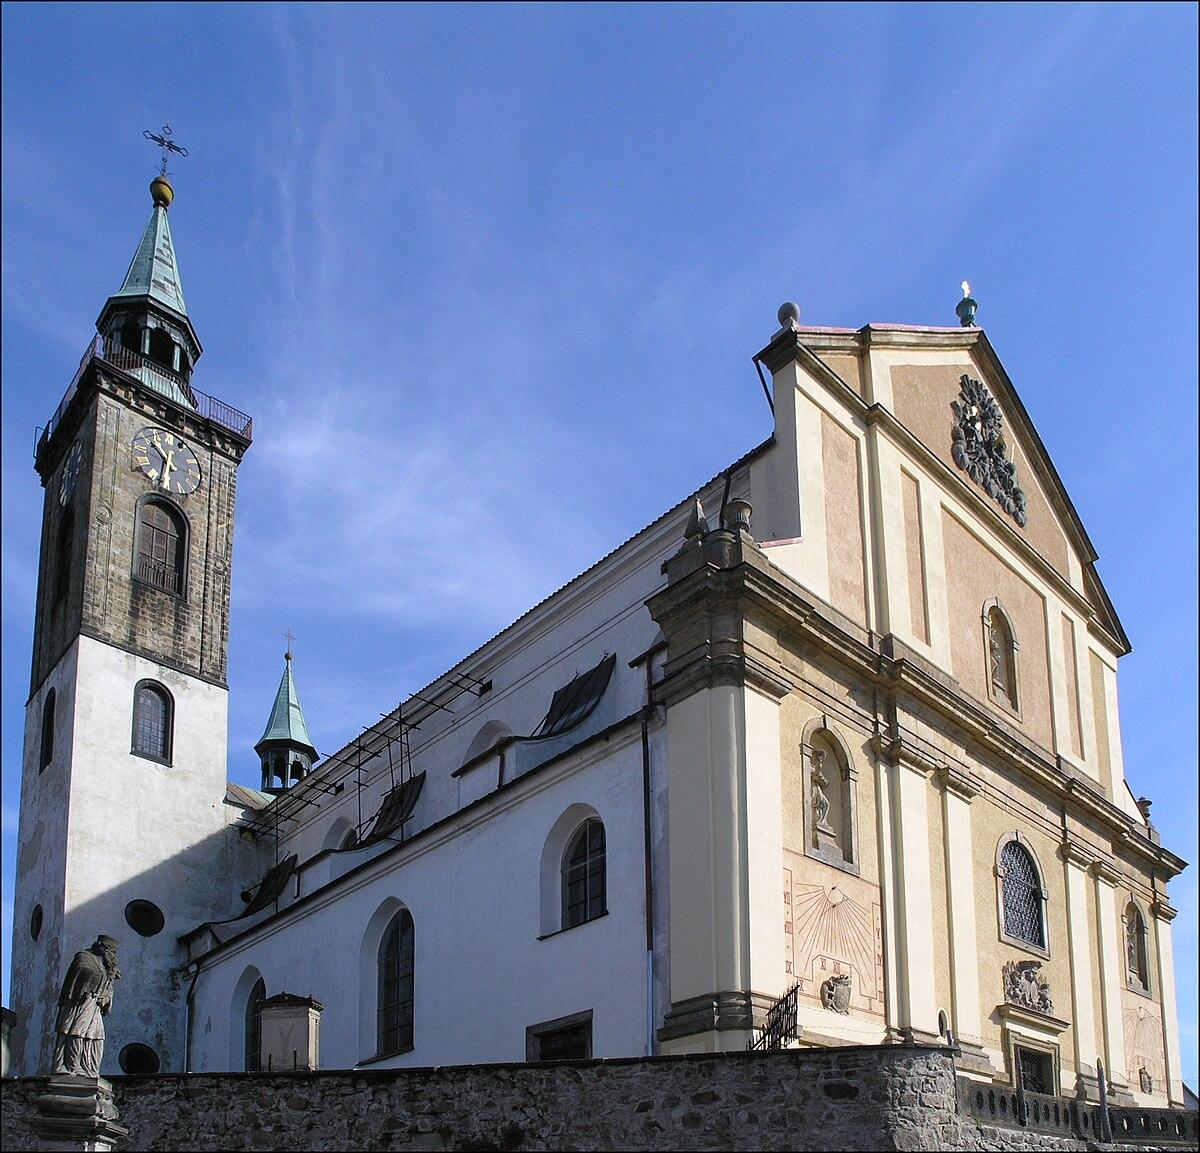 Kostel sv Mikulase (Mikulasovice) 2.jpg